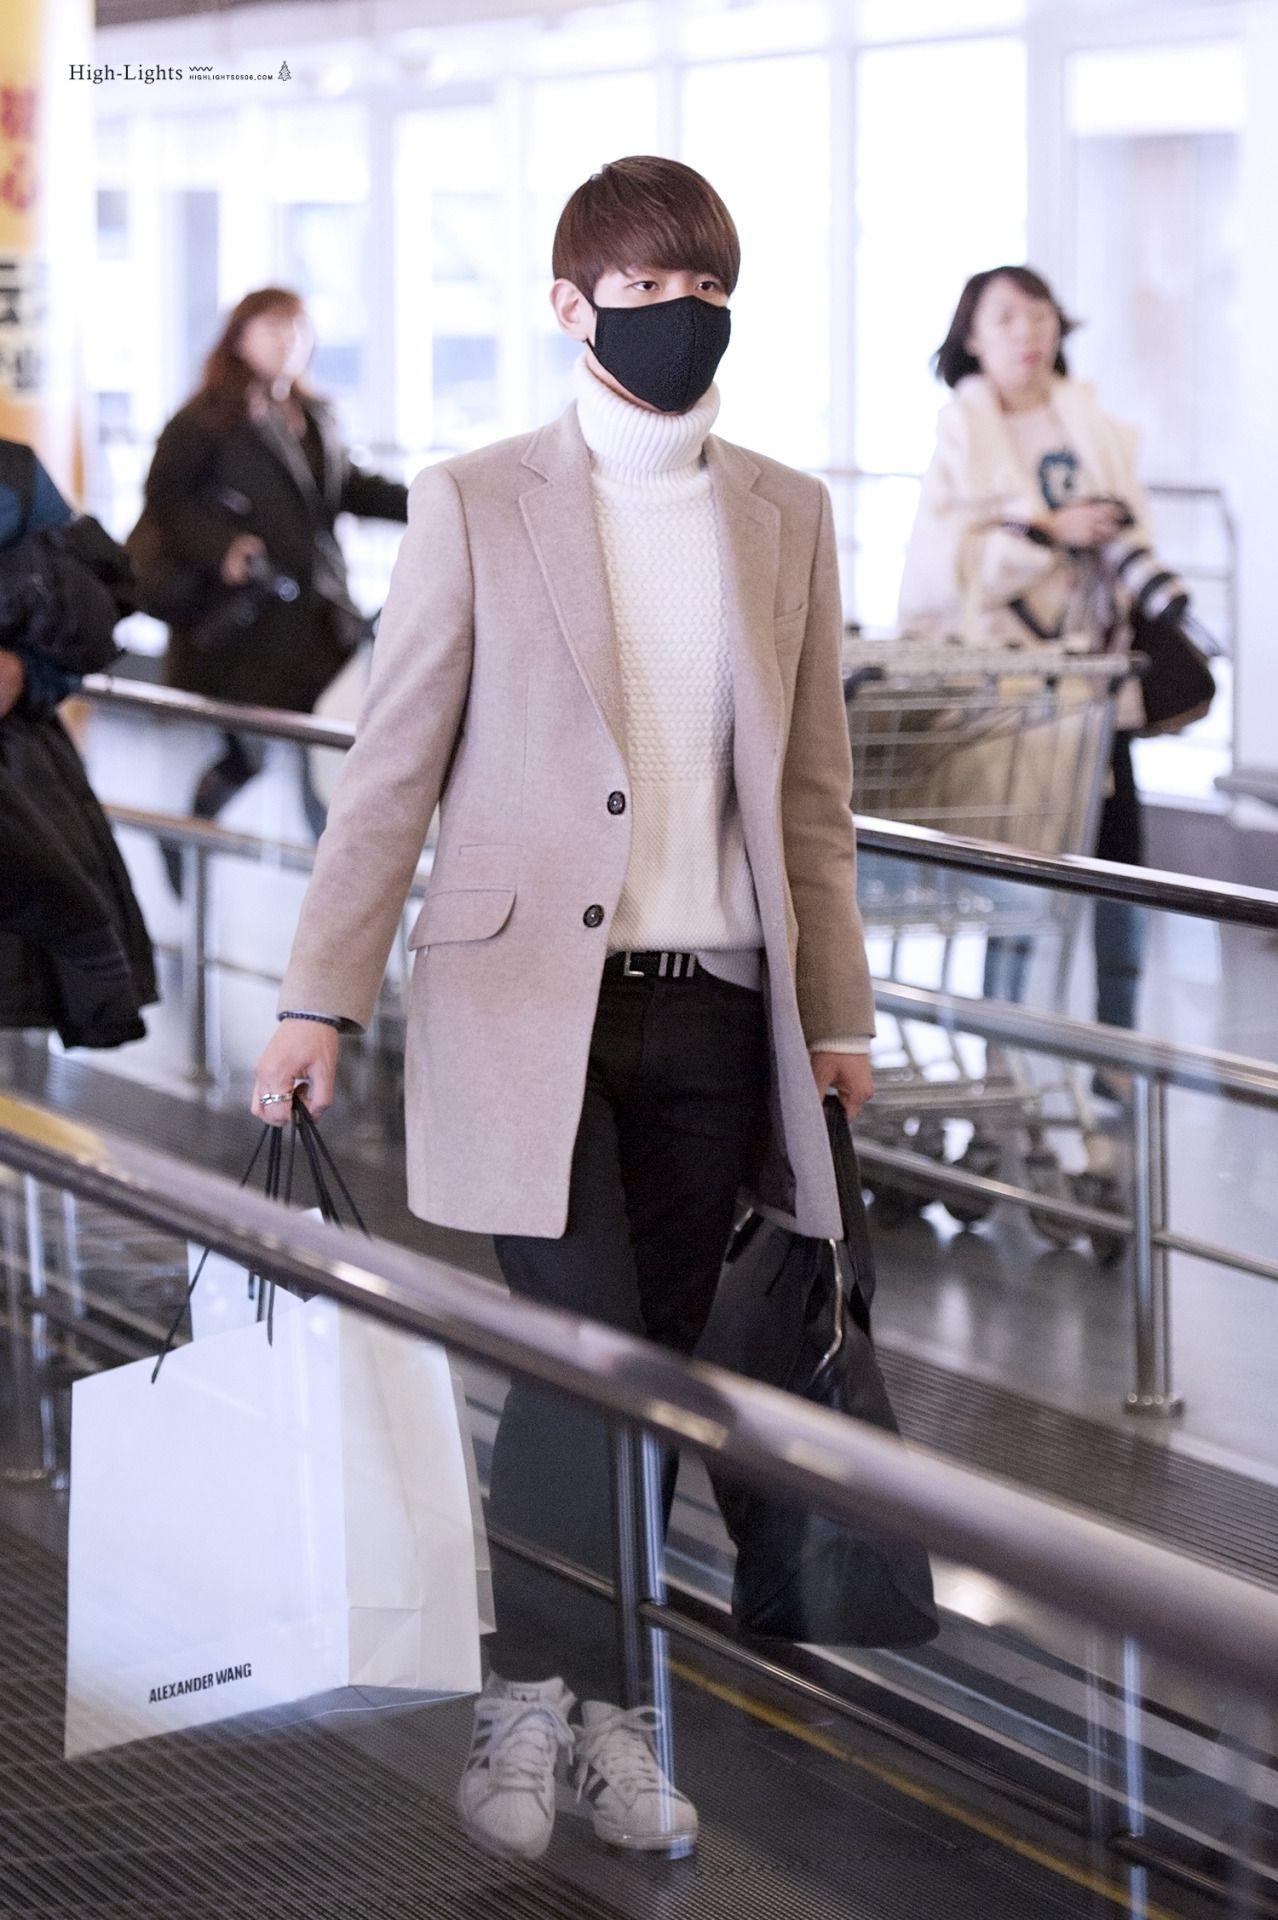 Aeroporto Guangzhou Arrive : Baekhyun 141231 guangzhou airport arrival from incheon credit